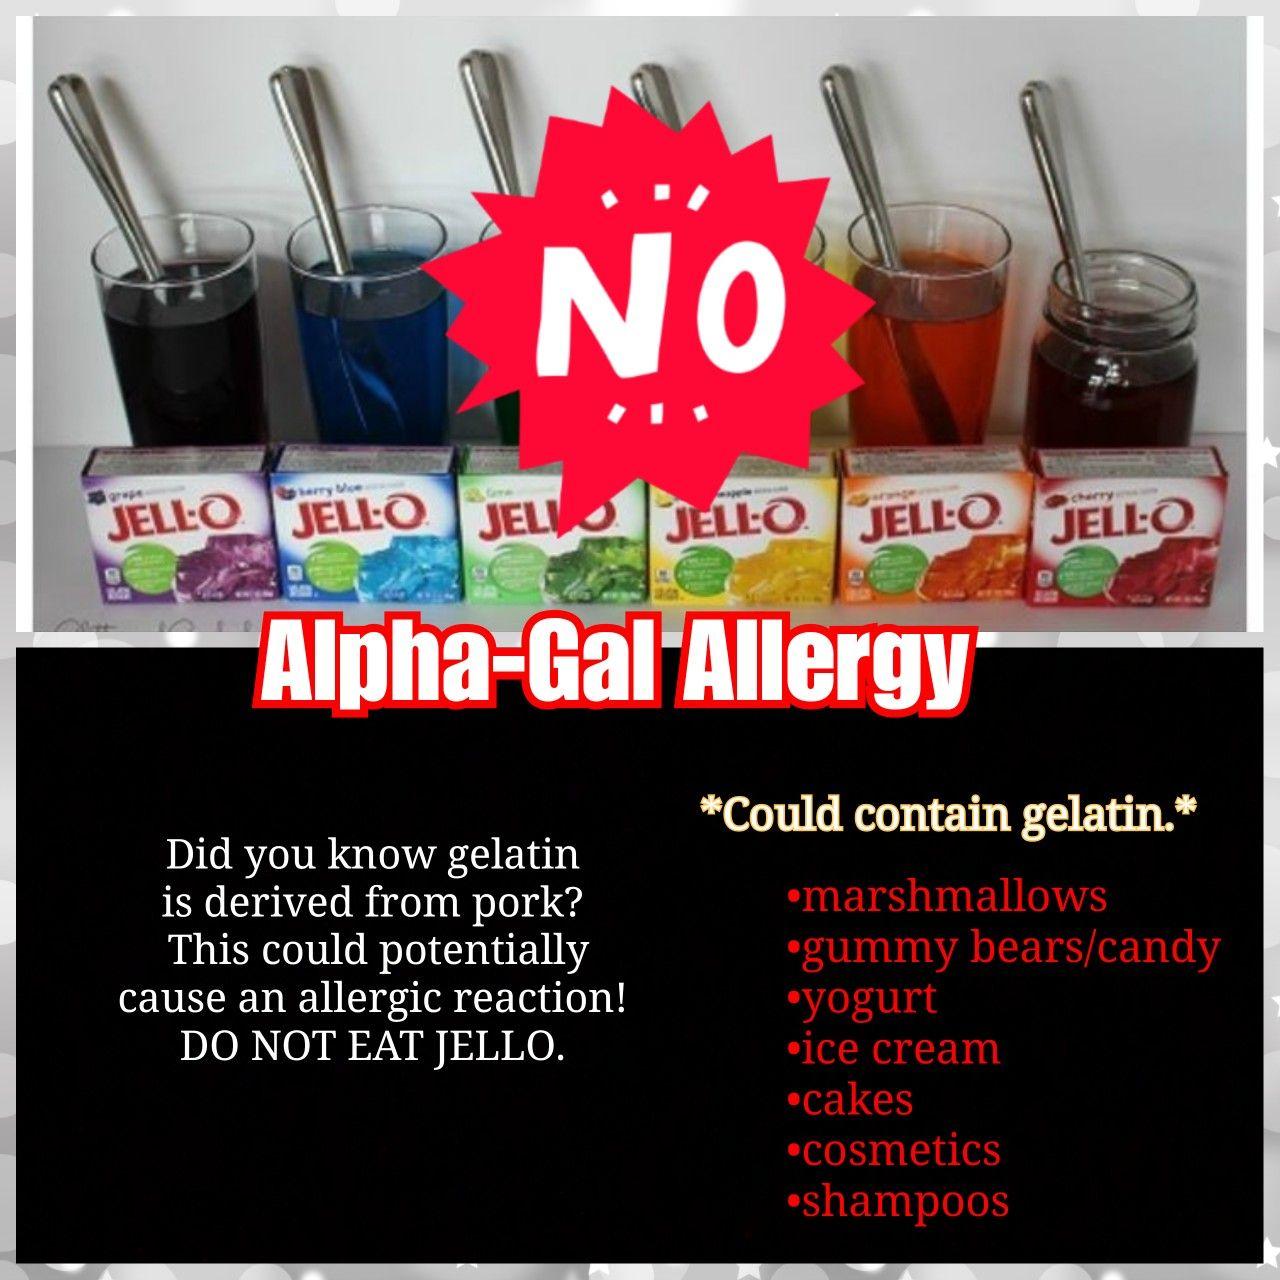 Alpha Gal Allergy Gummy Bear Candy Allergies Do Not Eat